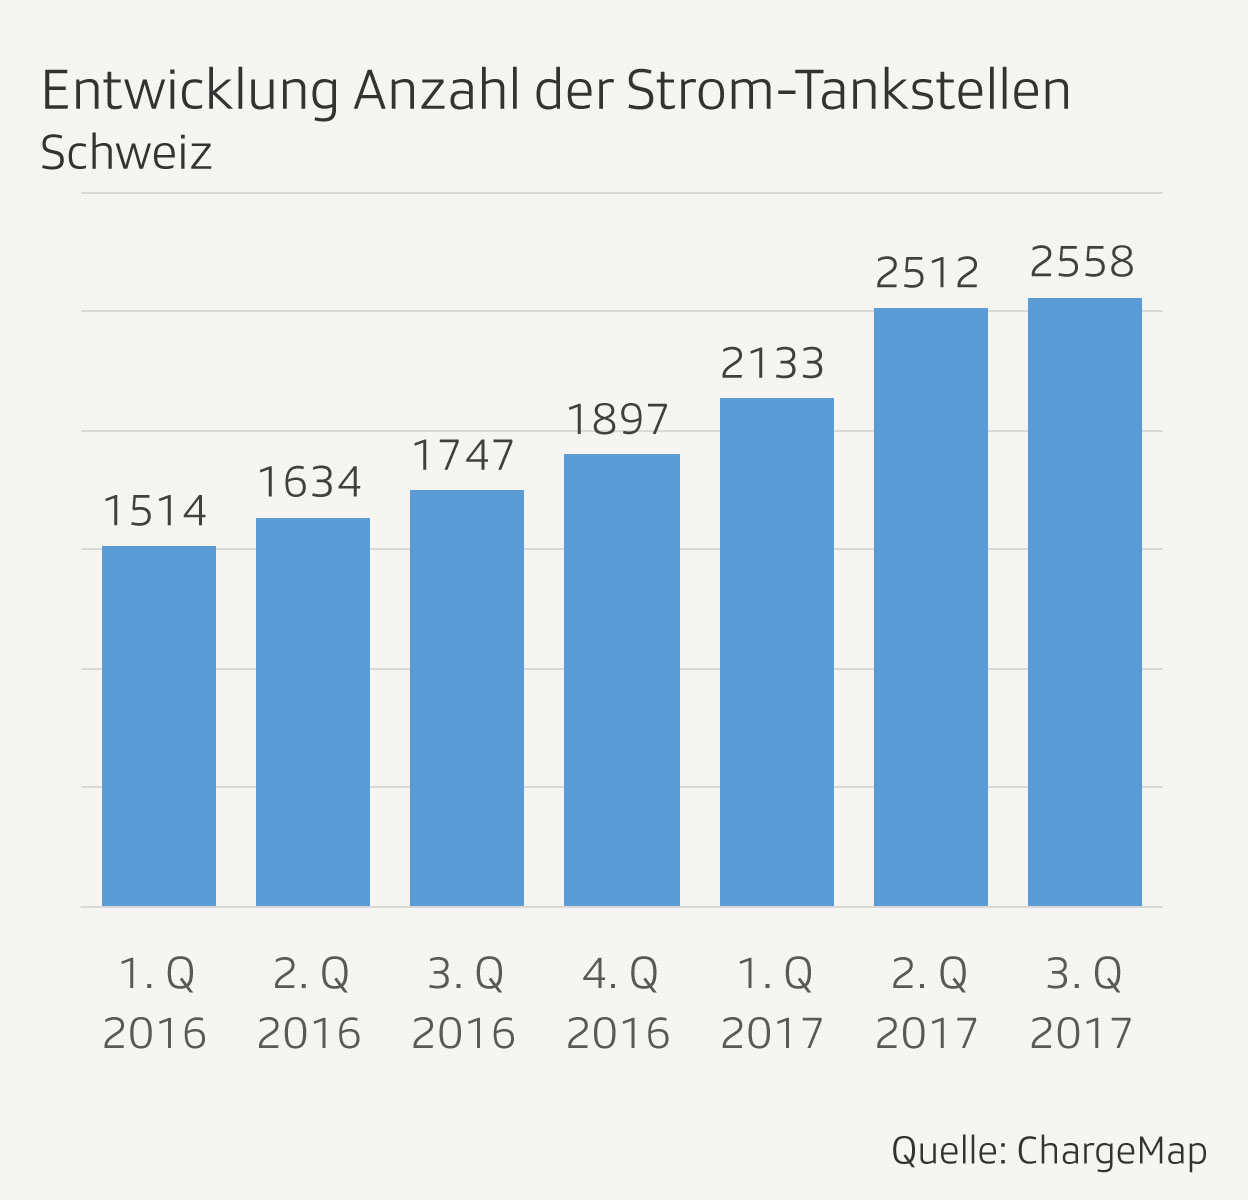 Entwicklung Anzahl der Strom-Tankstellen in der Schweiz